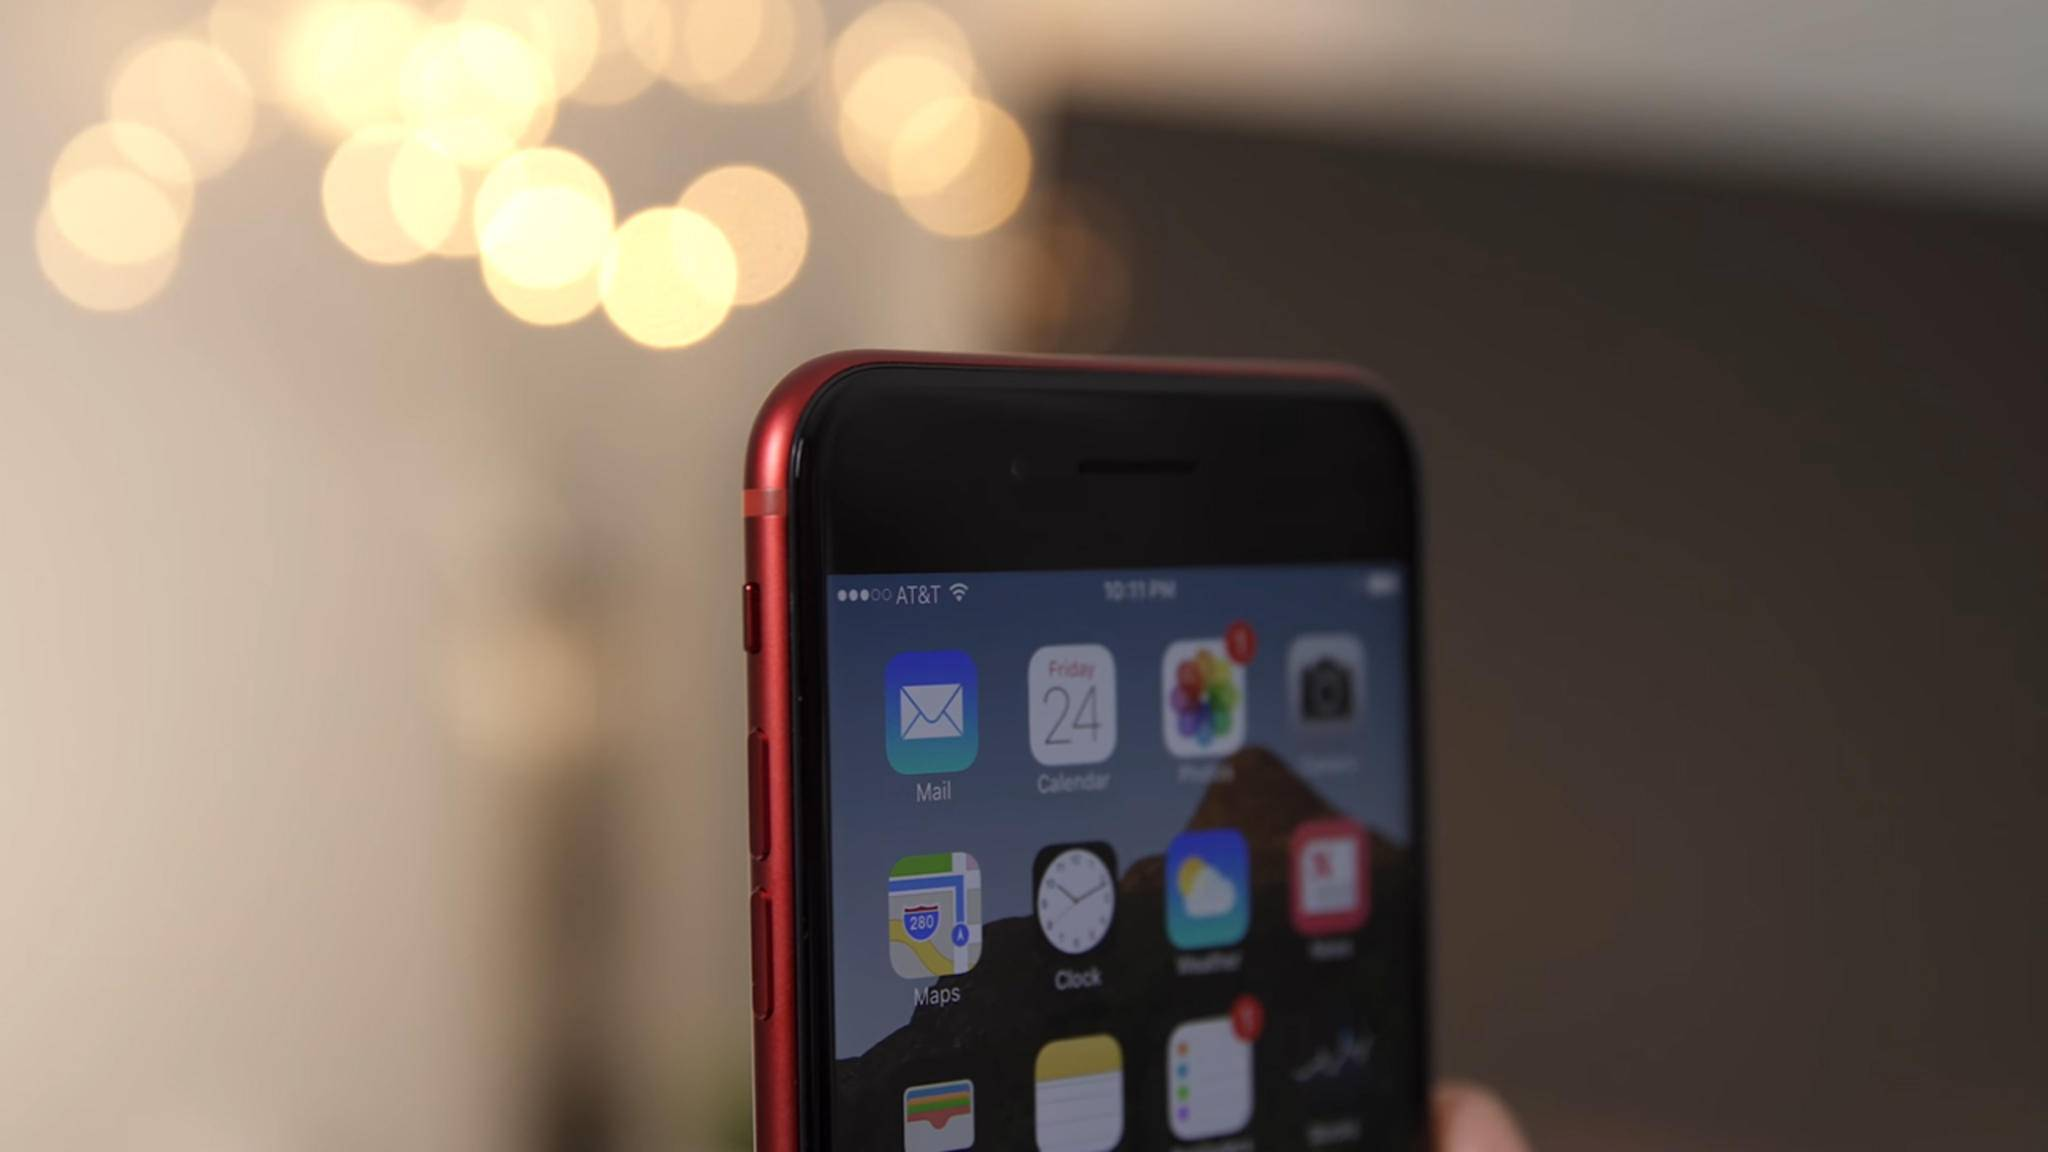 Das iPhone wählt automatisch die passende Displayhelligkeit – dank Umgebungslichtsensor.